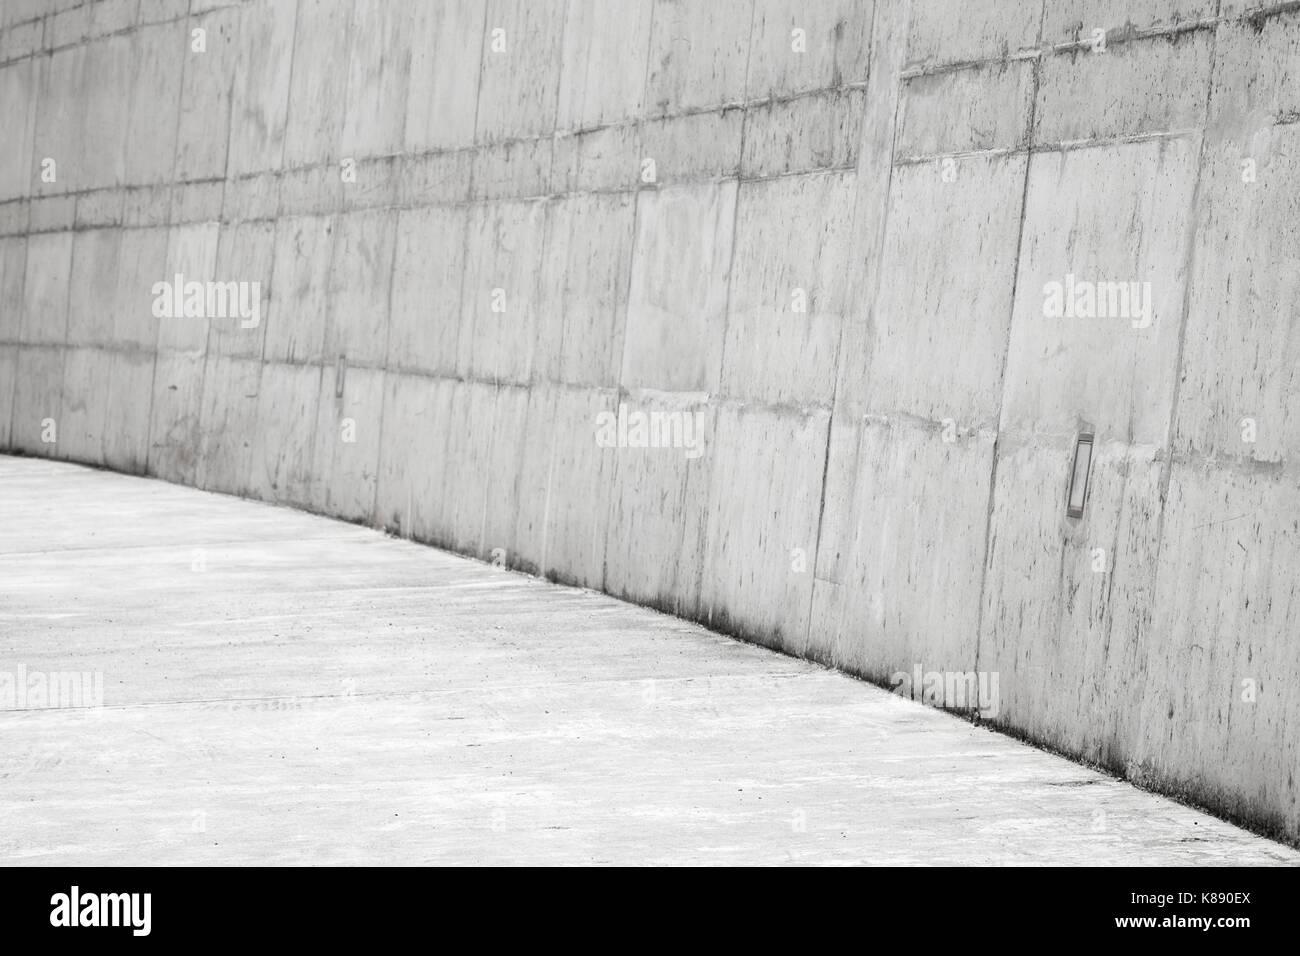 Pietra Da Interni Grigia : Abstract di cemento bianco interni angolo vuoto di pietra grigia